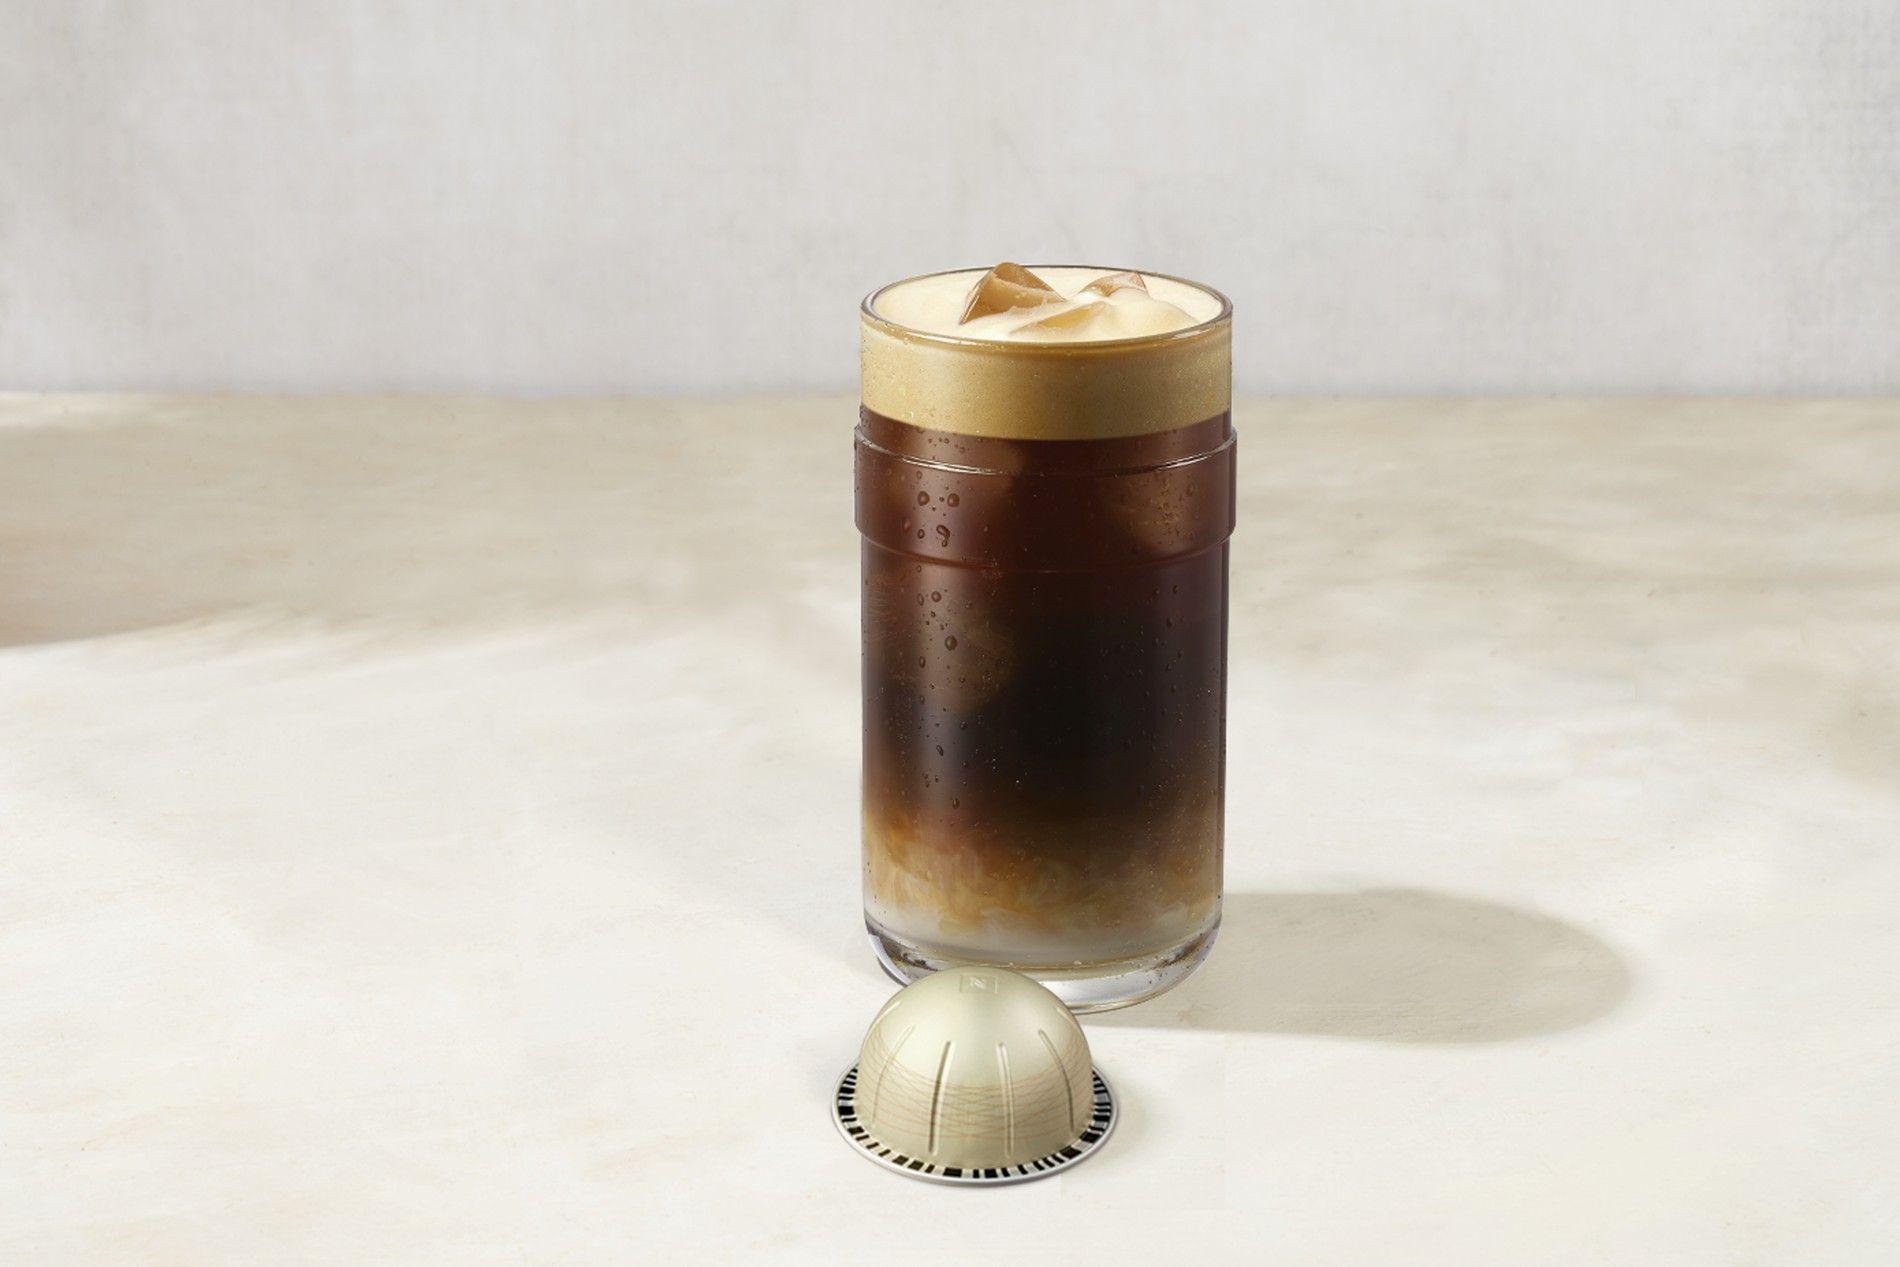 Nespresso Vertuo on ice macchiato *Barista device may